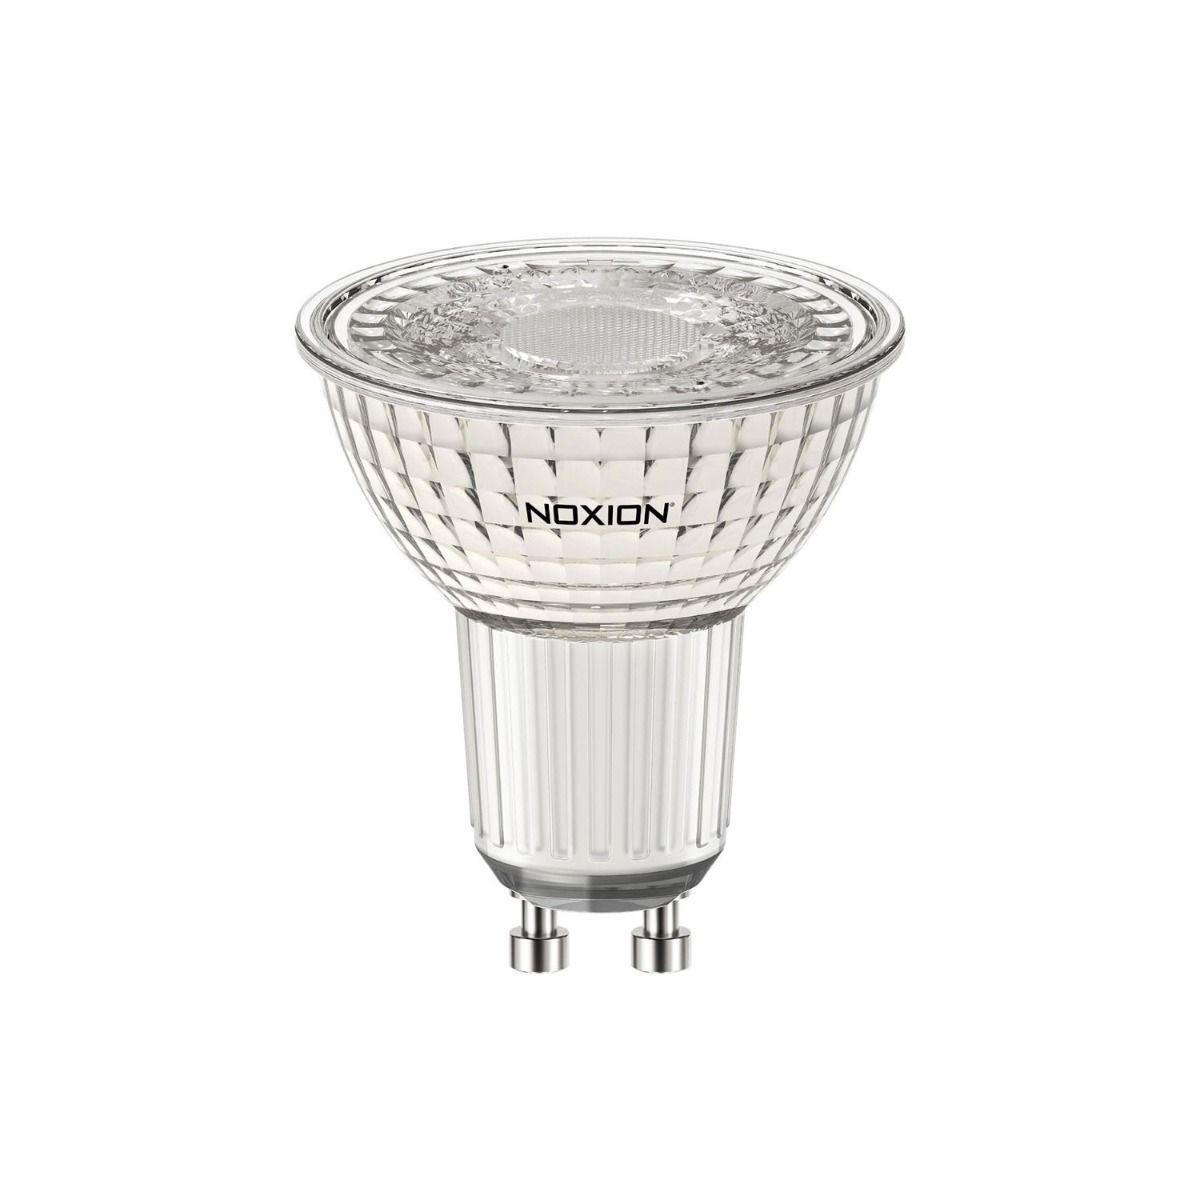 Noxion Spot LED PerfectColor GU10 4W 927 36D | Blanc Très Chaud - Dimmable - Équivalent 50W